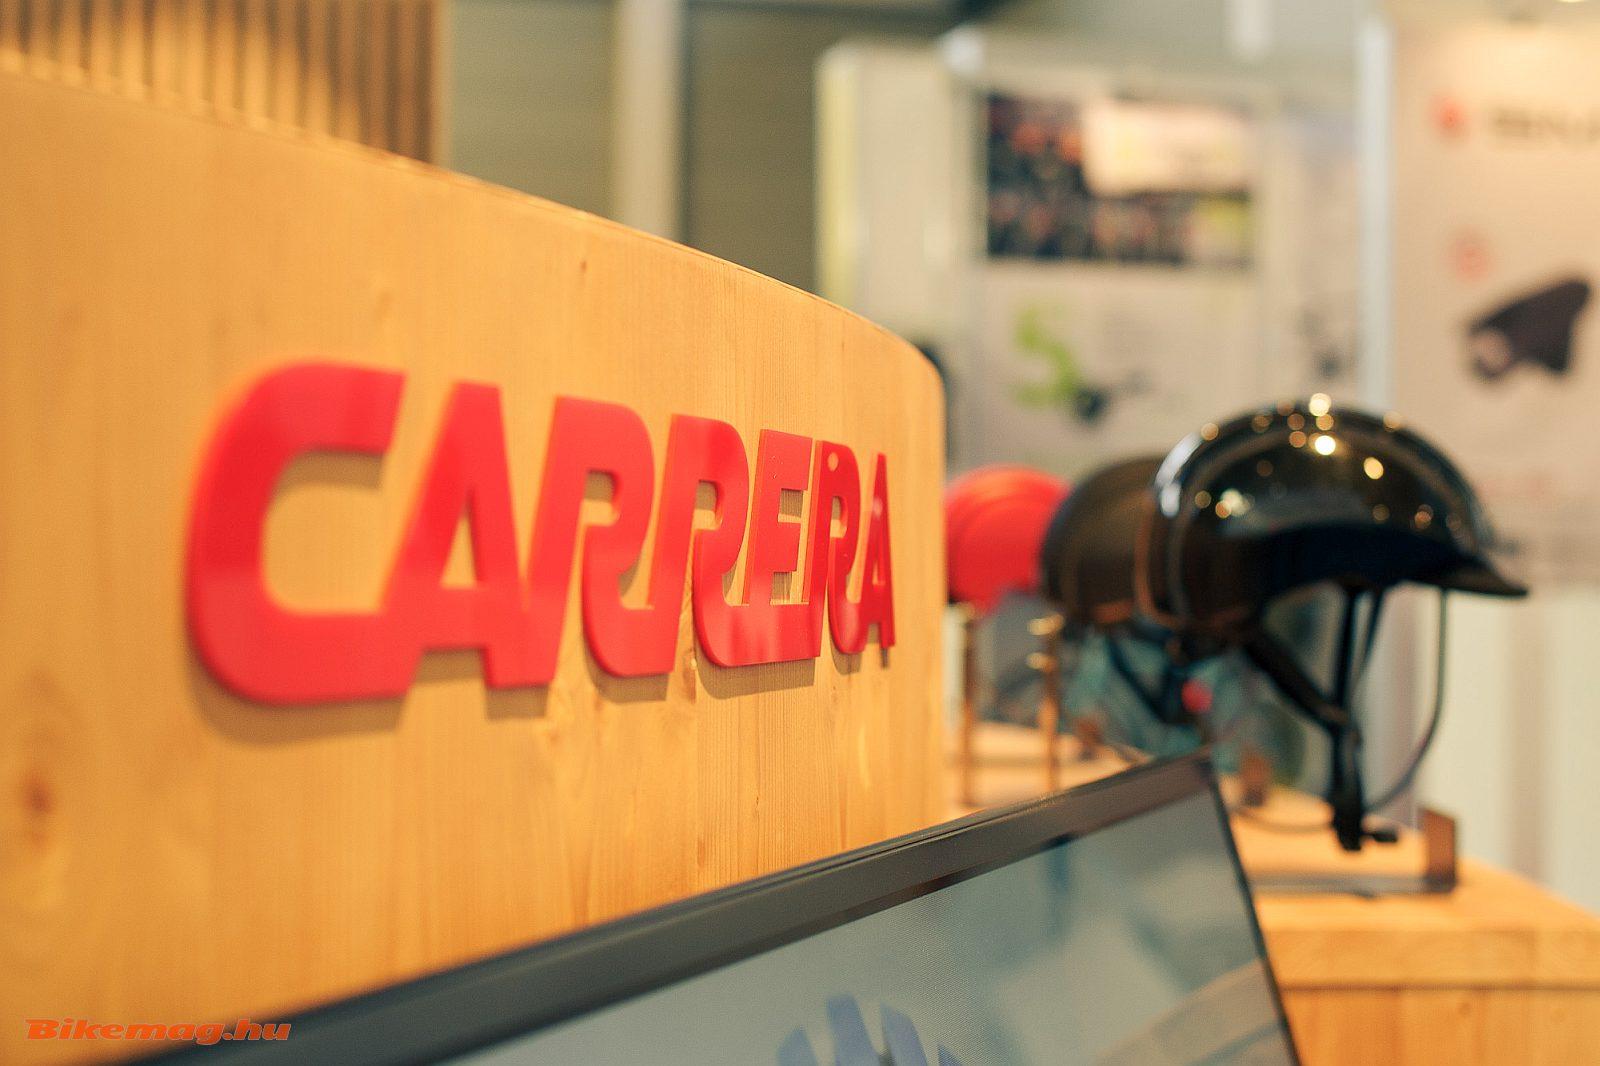 Carrera 1956 óta